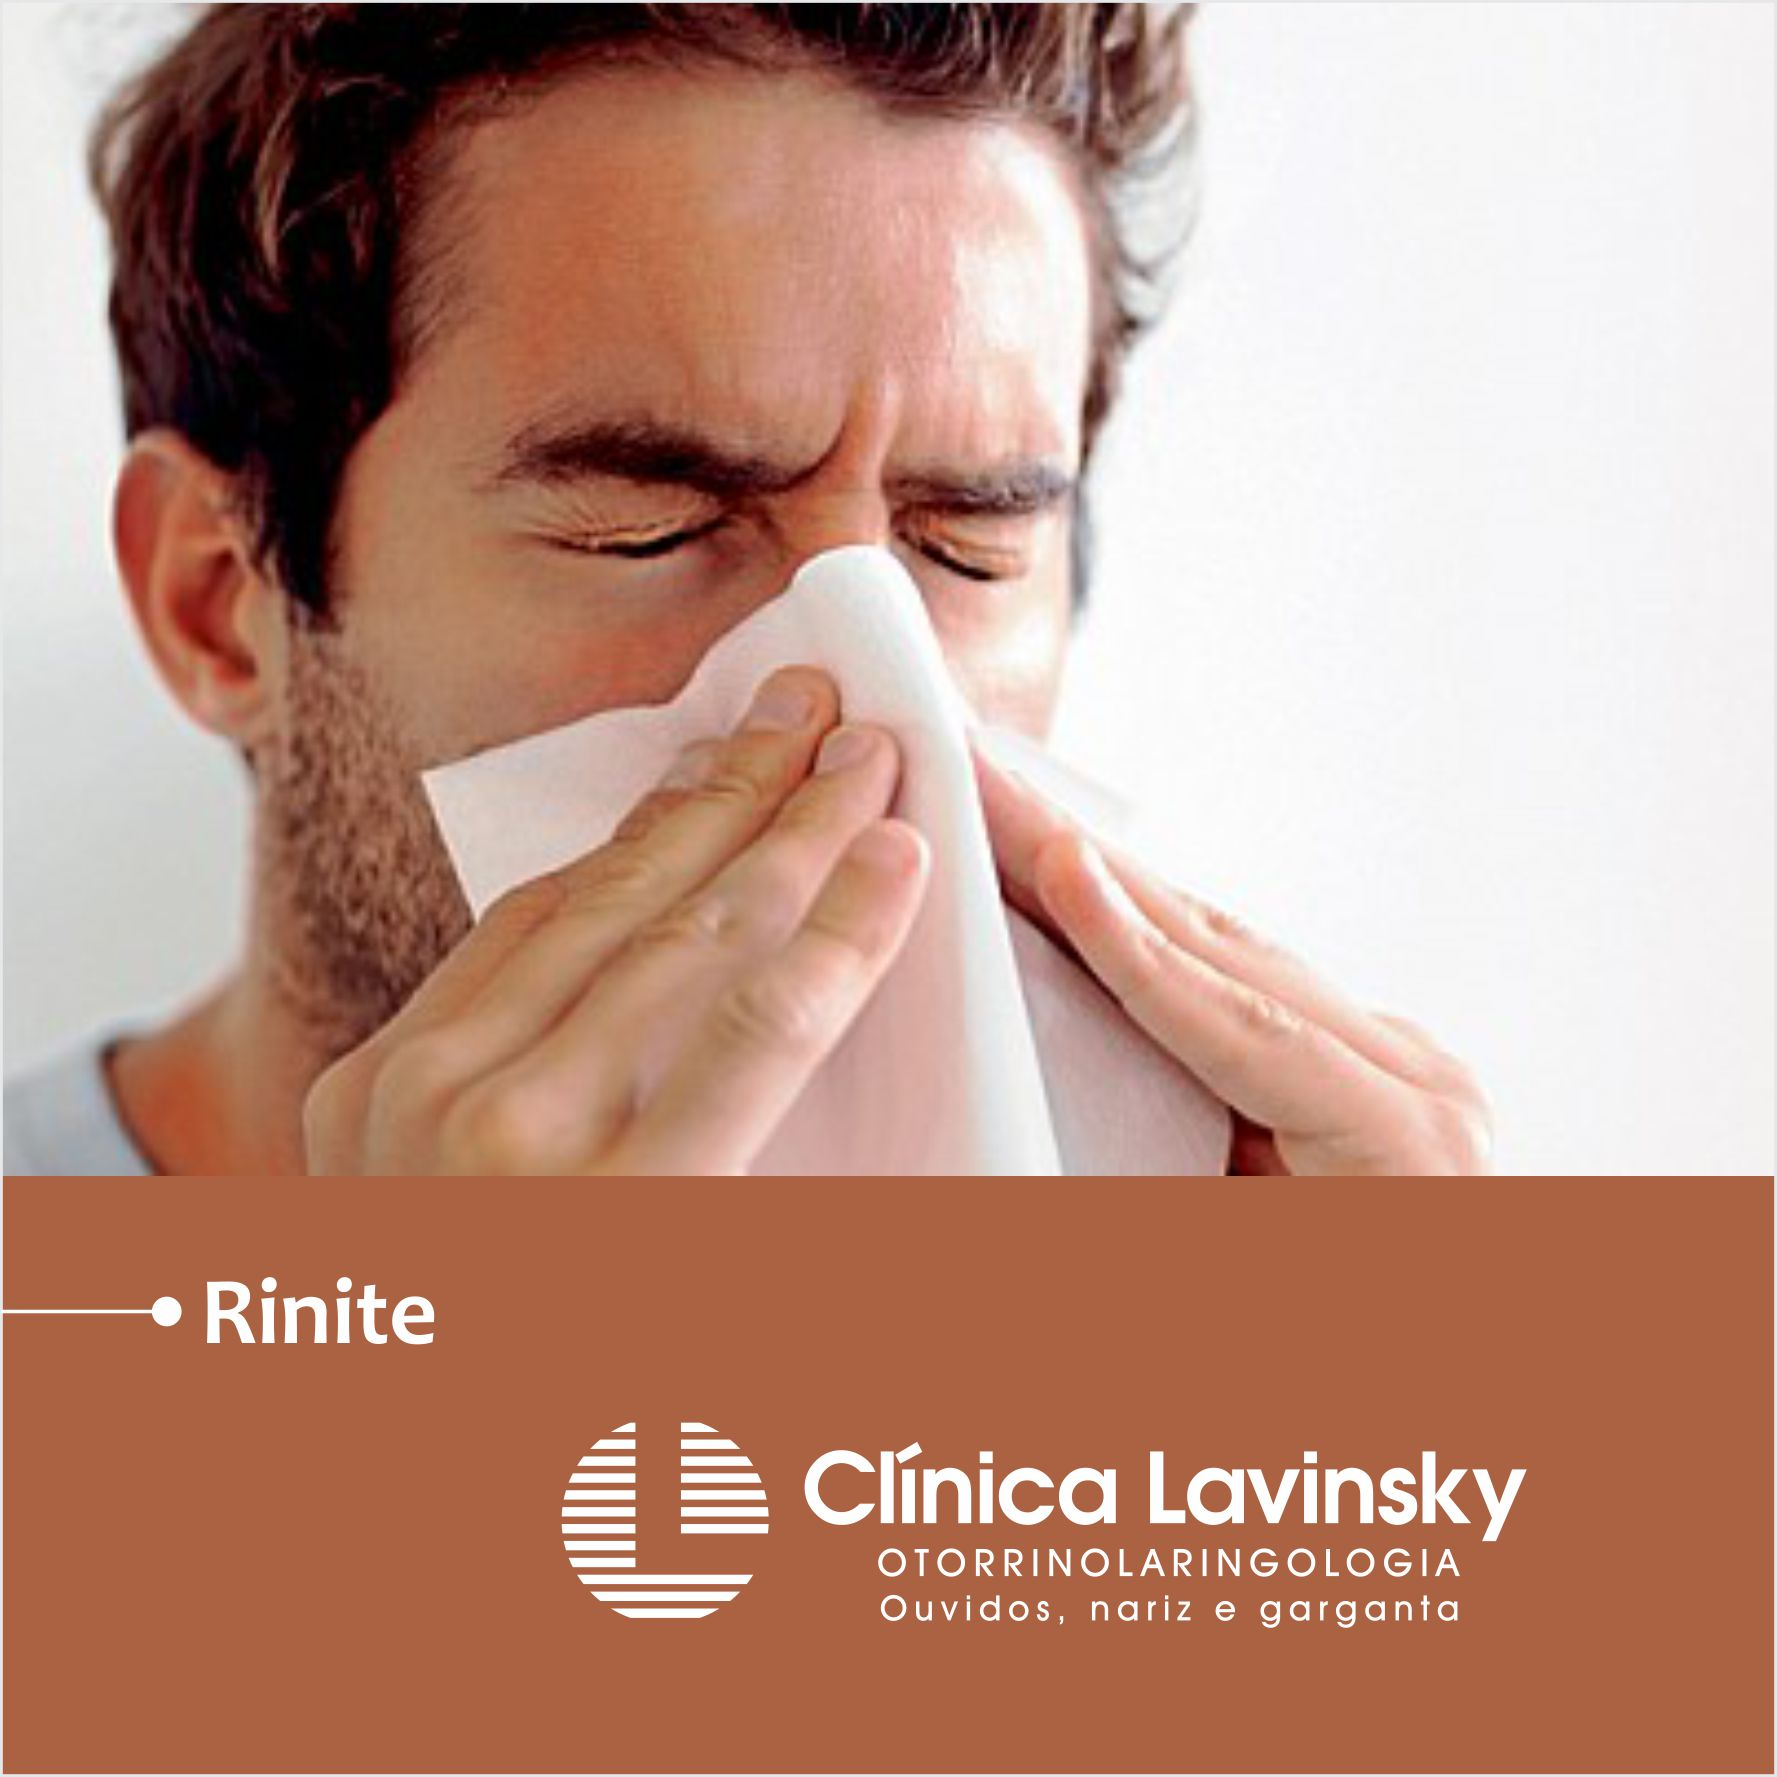 Você tem espirros, coriza, coceira e sensação de nariz congestionado?